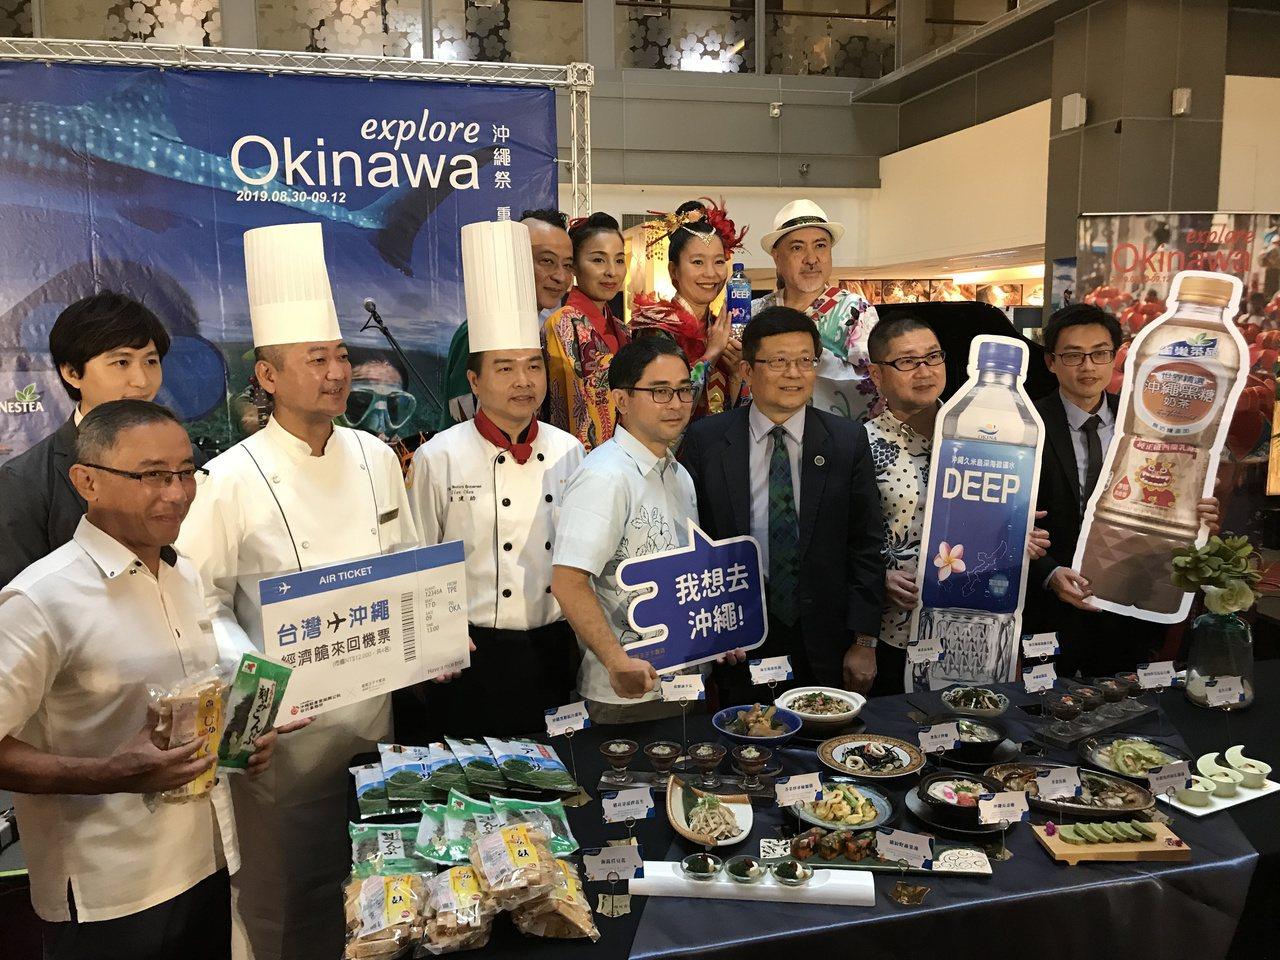 嘉義市耐斯王子大飯店即日起推出為期兩週的沖繩美食祭。記者姜宜菁/攝影